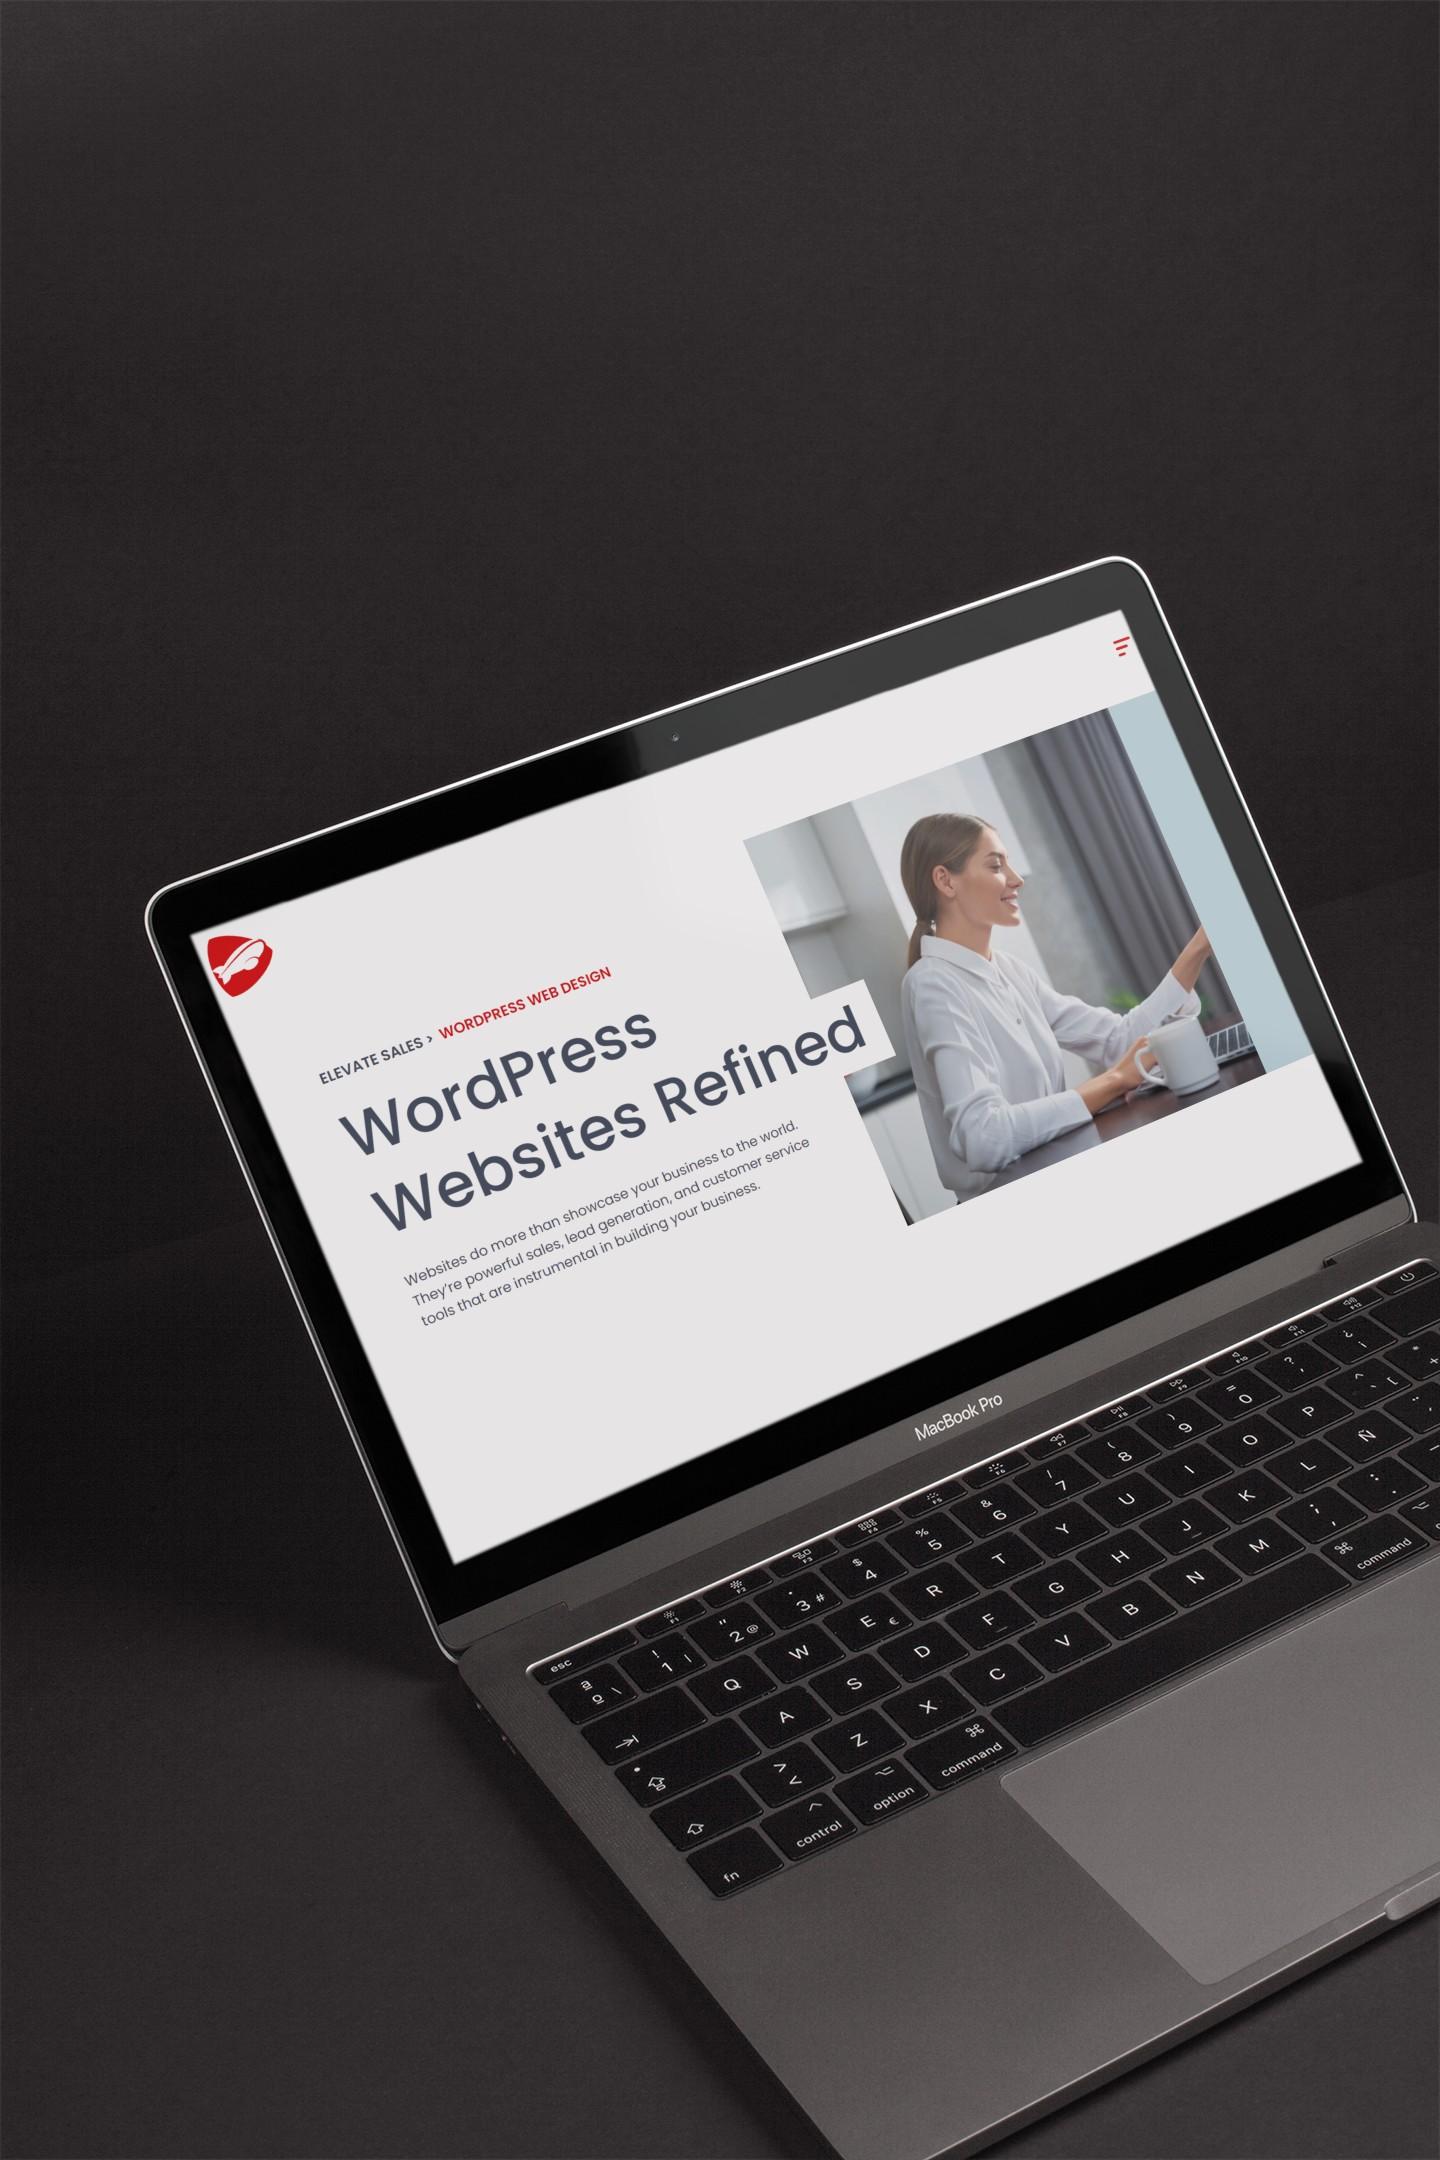 WordPress Websites Refined